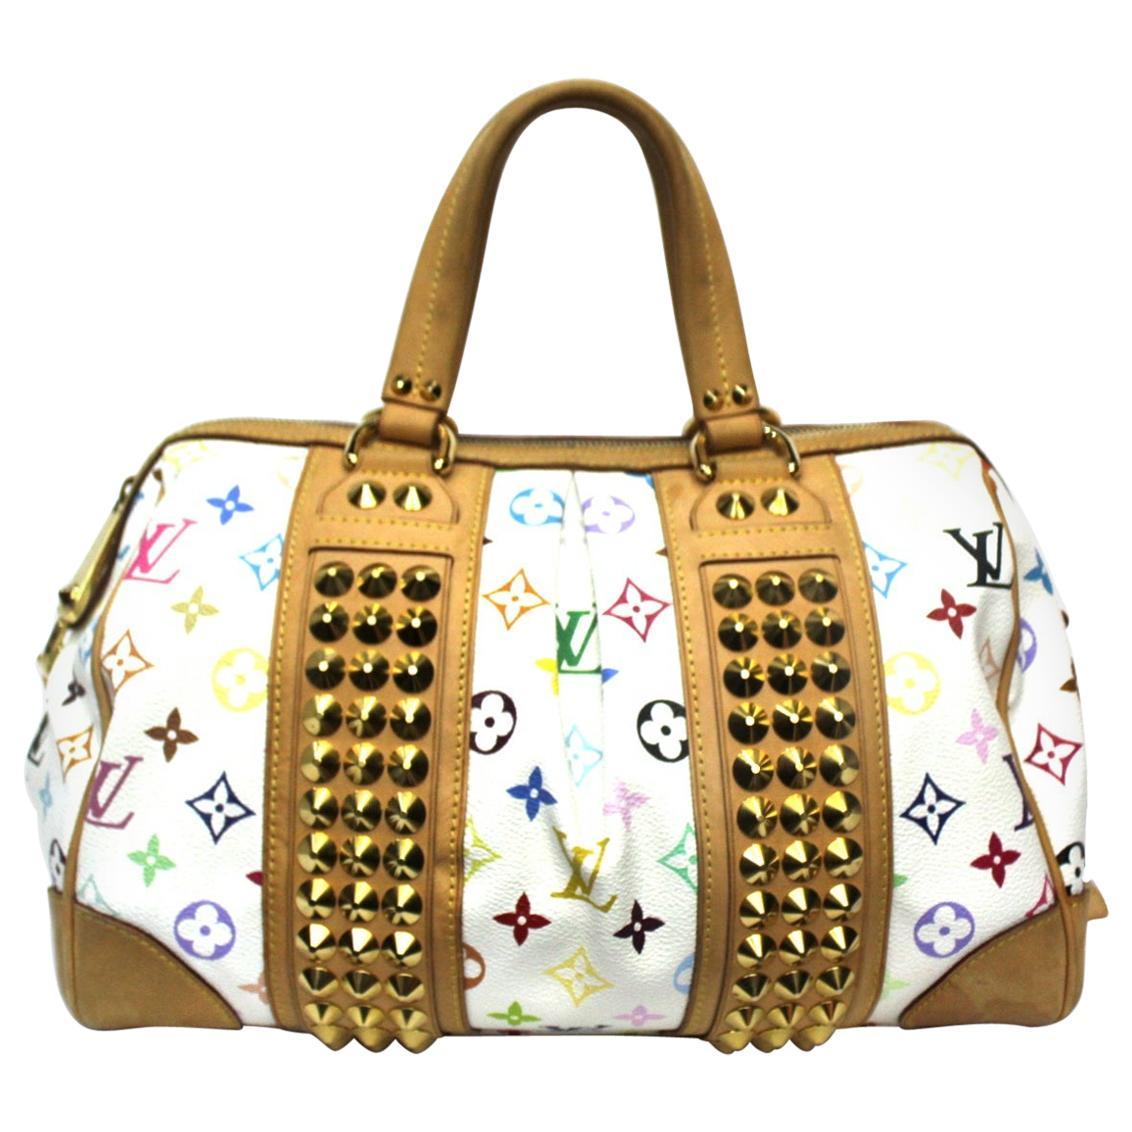 2009 Louis Vuitton Multicolor Courtney Bag